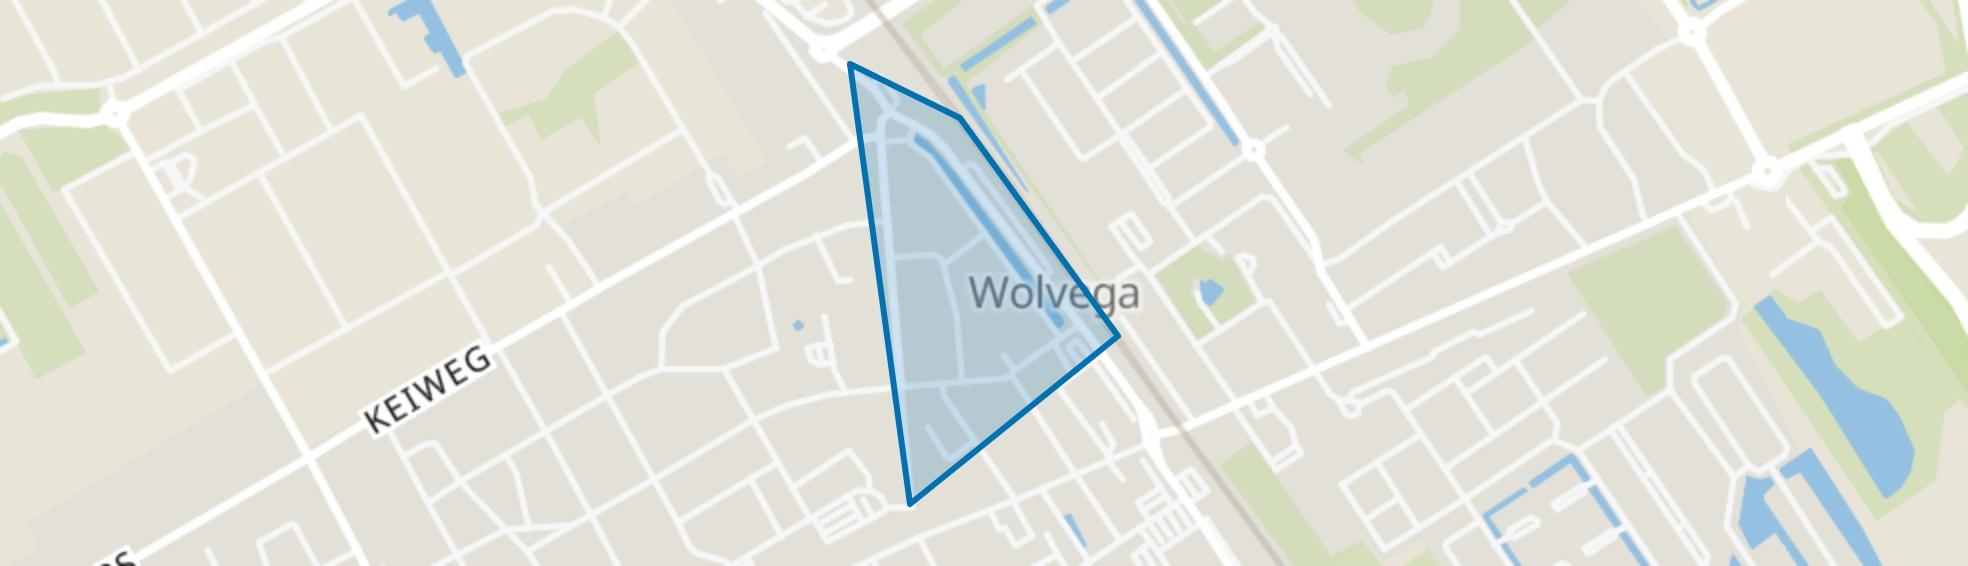 Wolvega-Stationsbuurt, Wolvega map